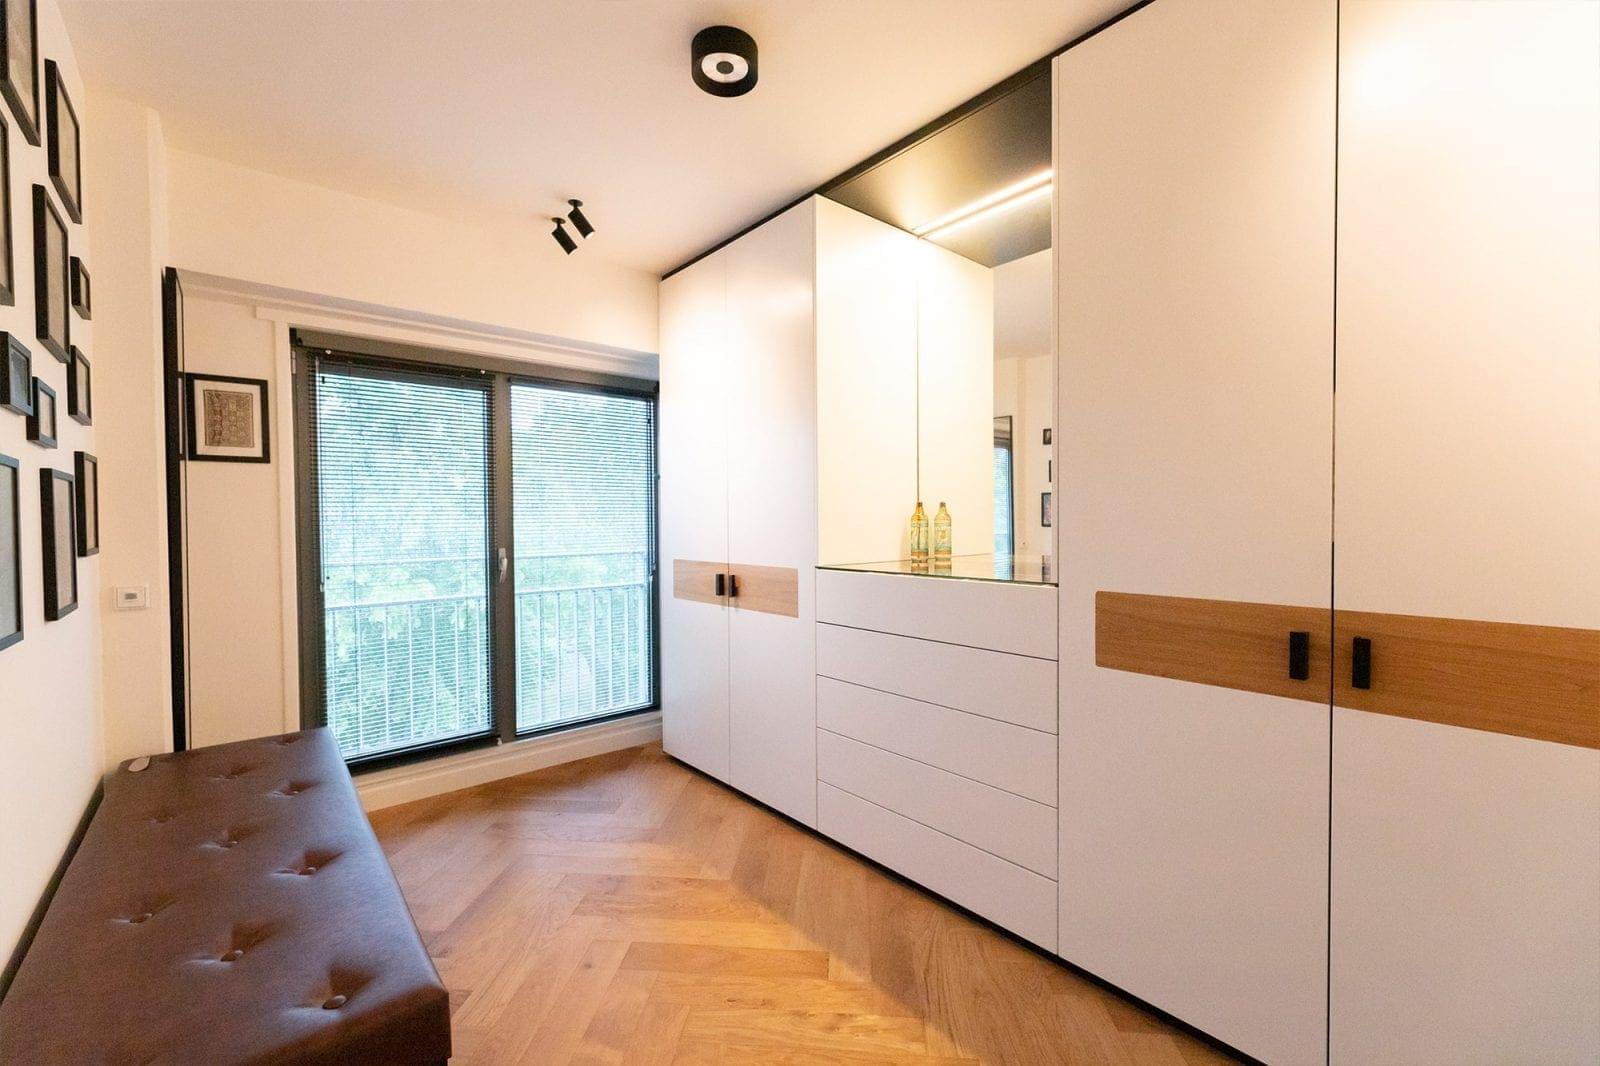 Atelier19 Inloopkast Op Maat gemaakt door meubelmaker Rhoon